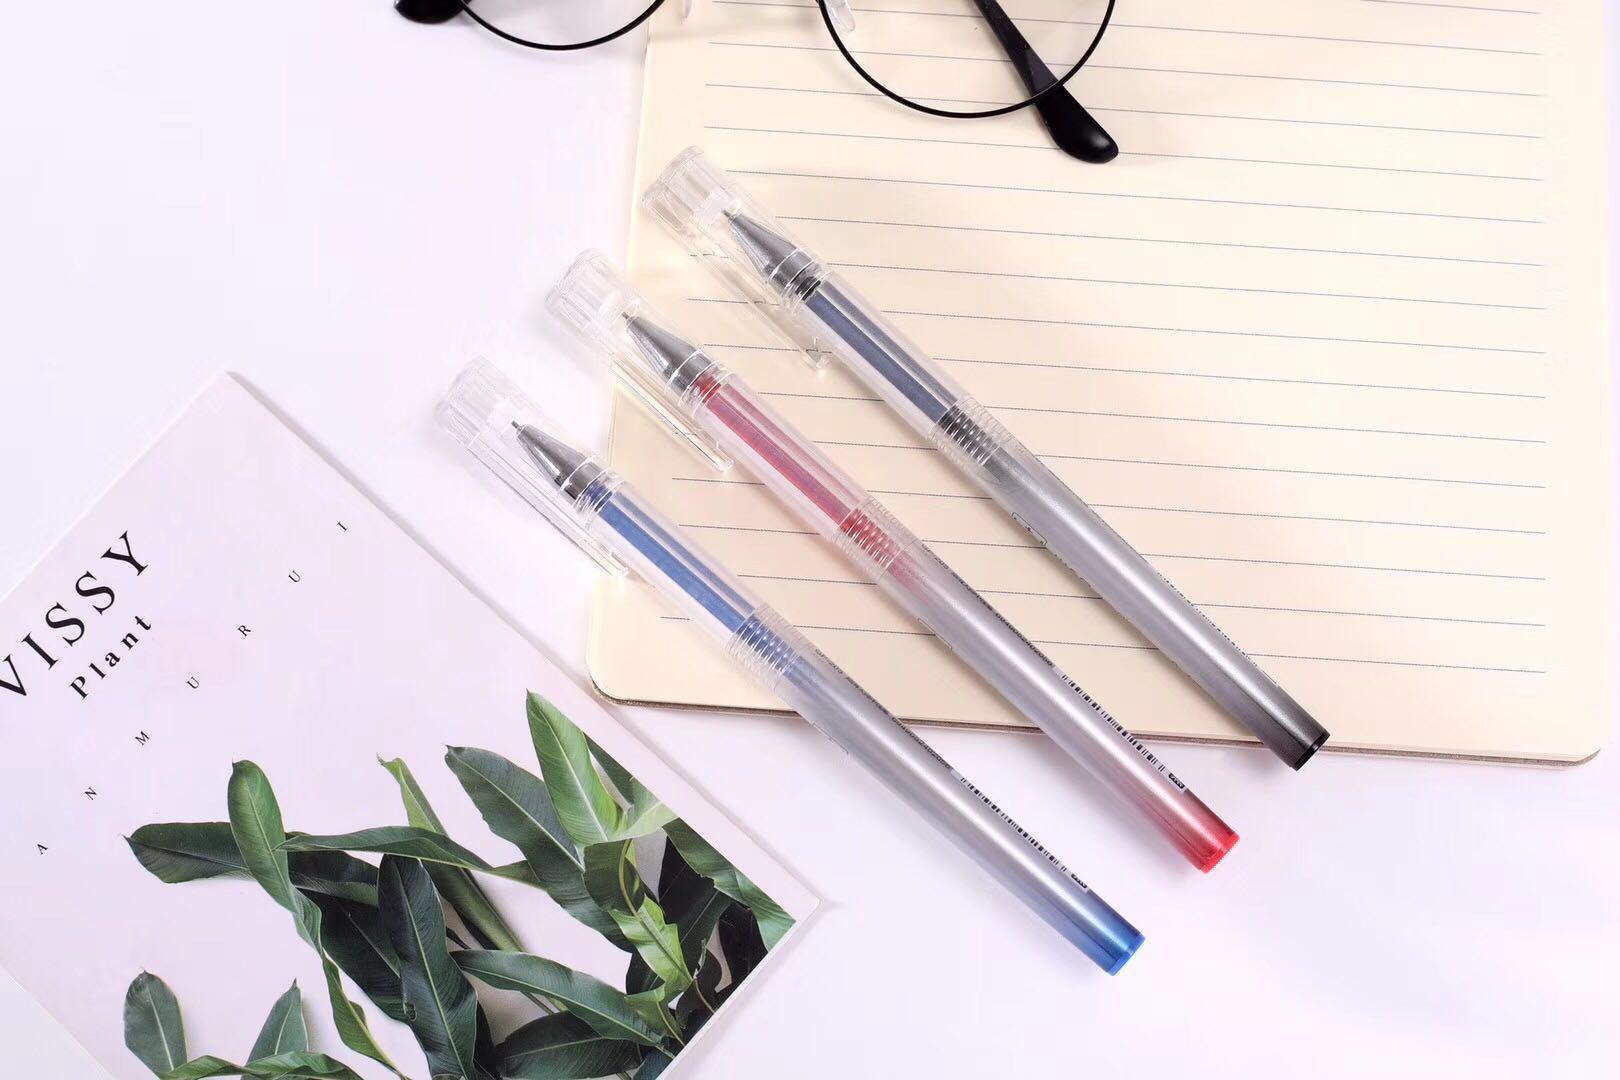 义乌市万帮文具厂丨一支中性笔你知道能写多少米?